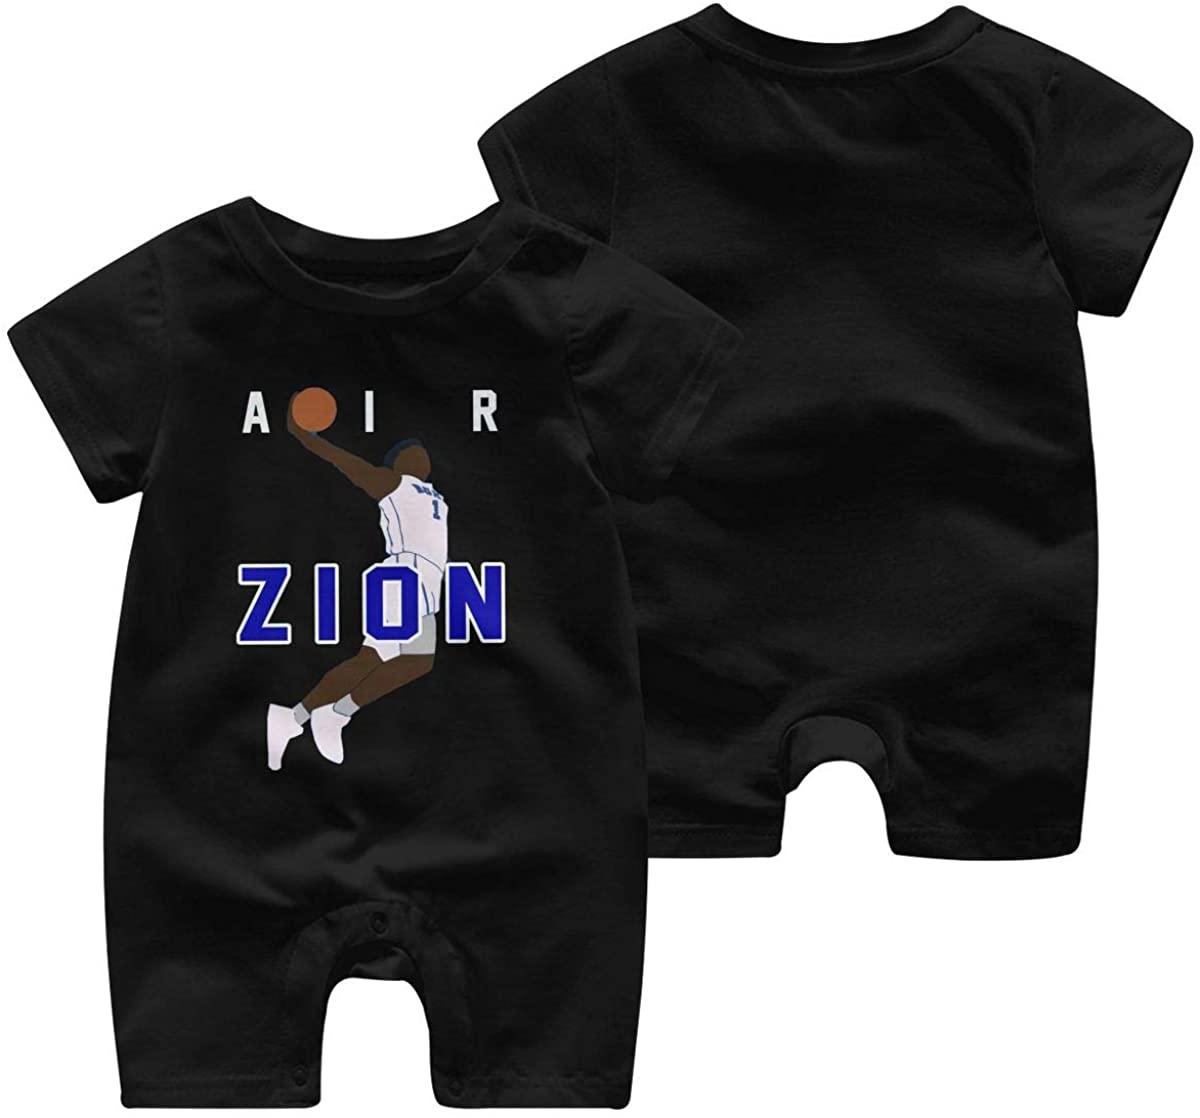 Duke Zion 4 Baby Jumpsuit Infant Short Sleeve Kids Cotton Bodysuit